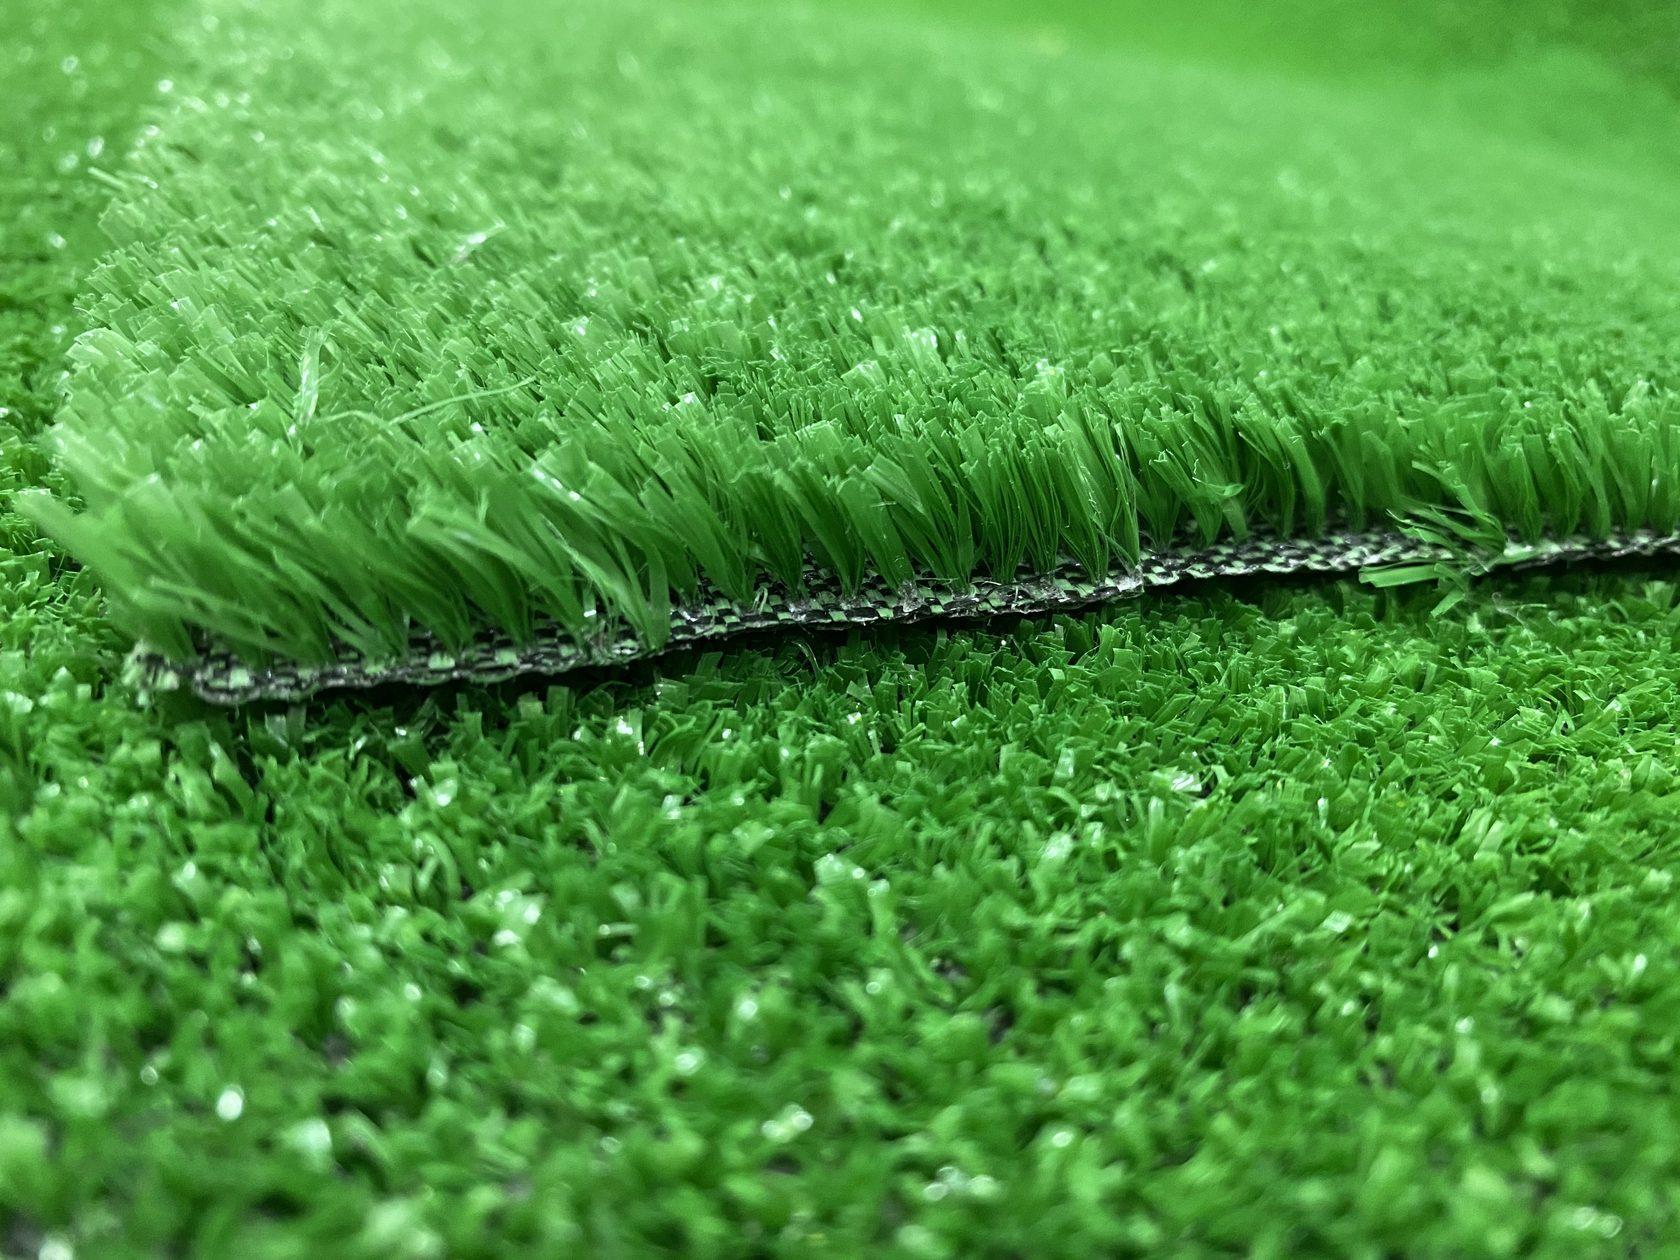 """Искусственная трава """"Фантастика"""" 10-11 мм высота ворса"""